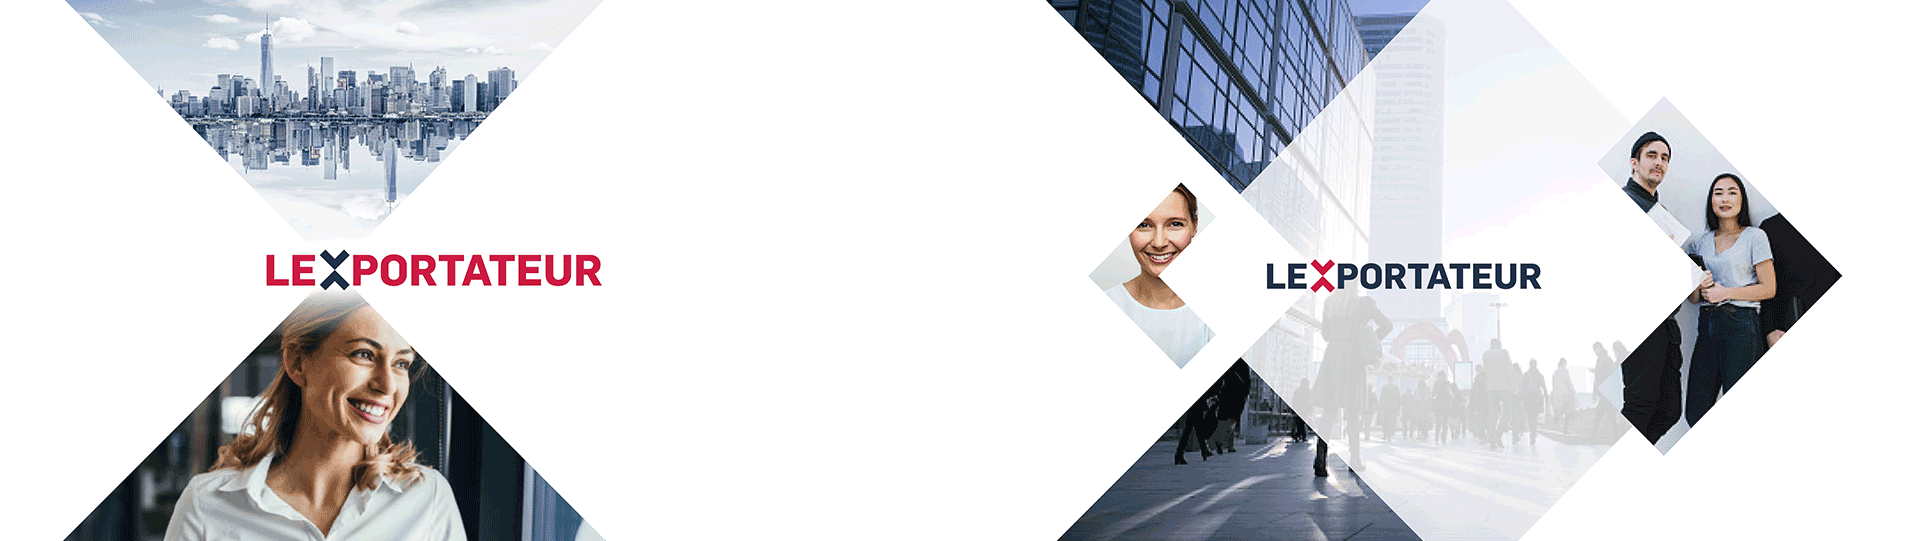 lexportateur-logo-visuels